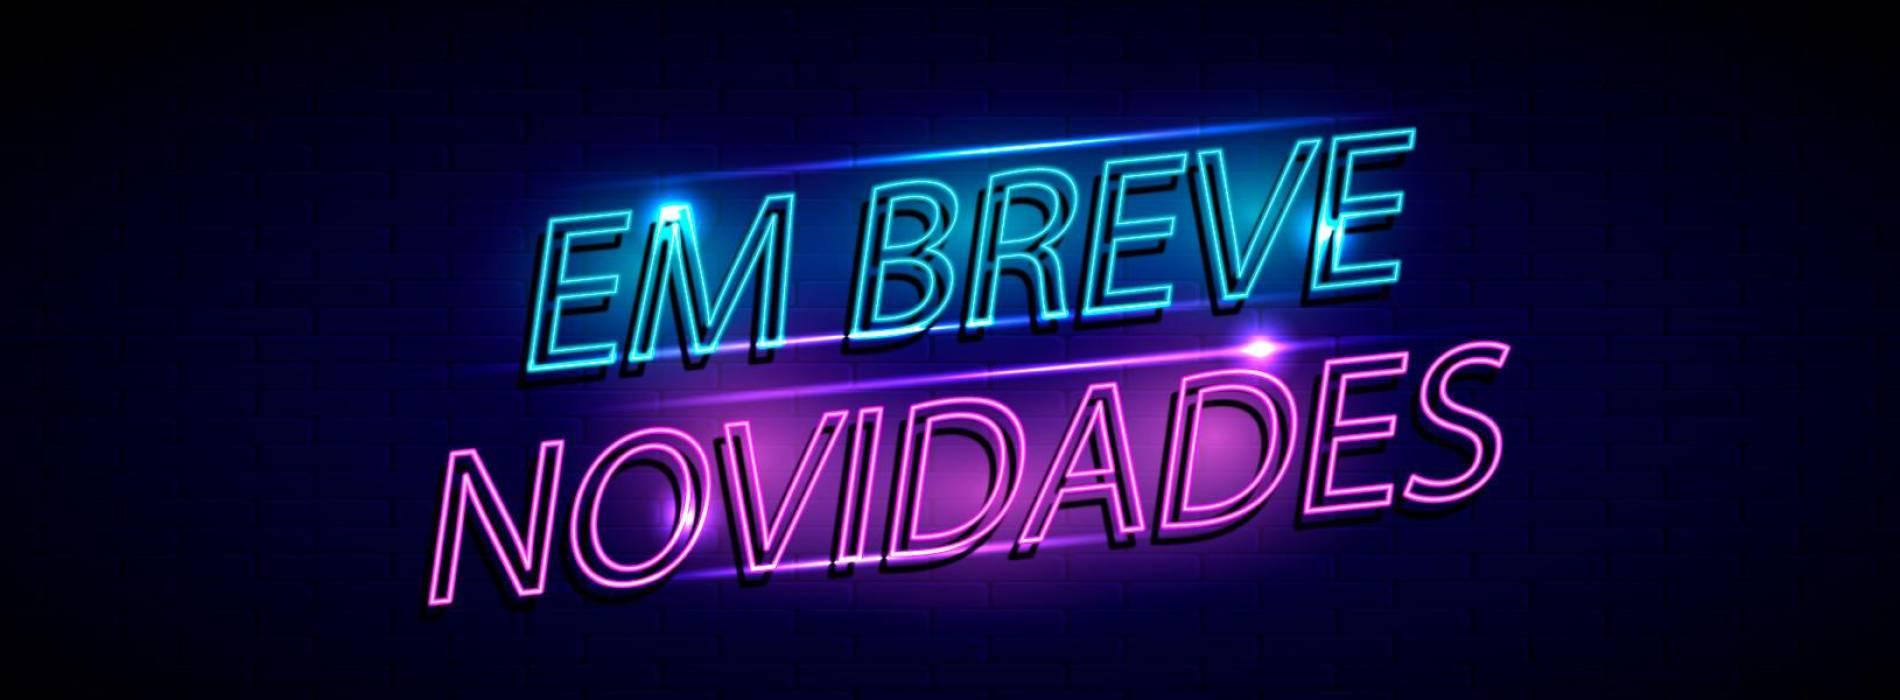 EM BREVE NOVIDADES